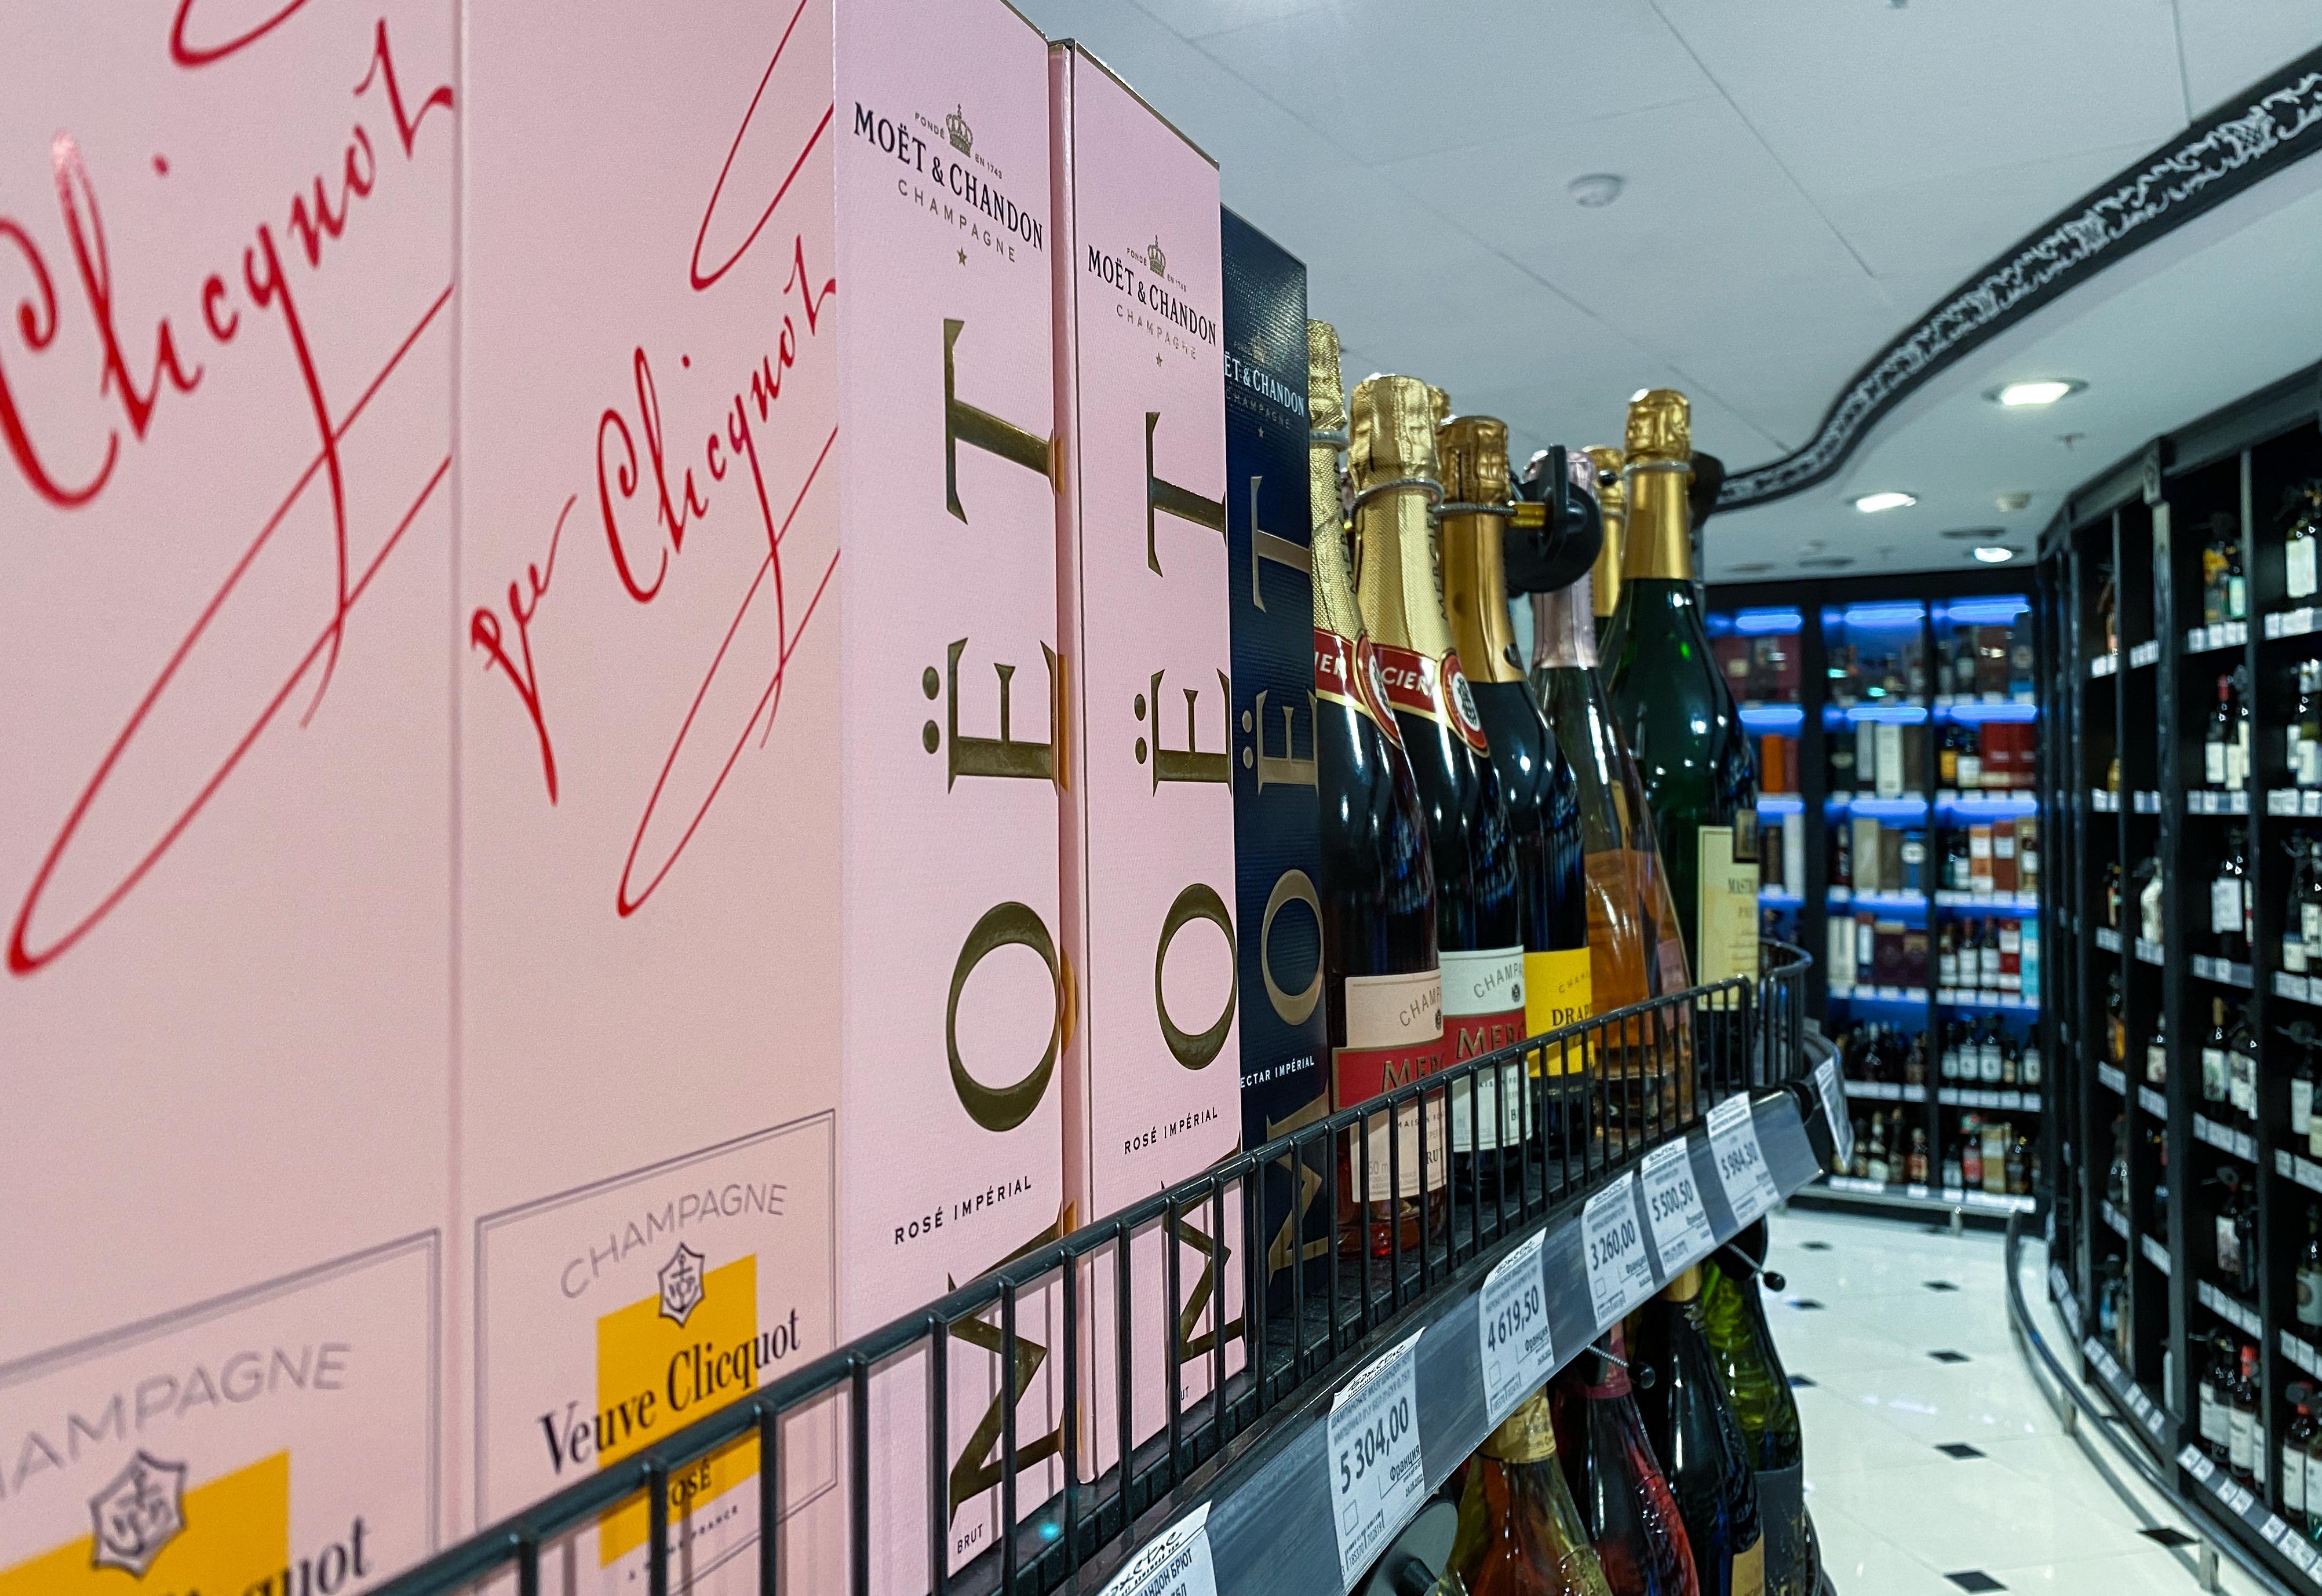 Az oroszok szerint csak az pezsgő, ami náluk készül